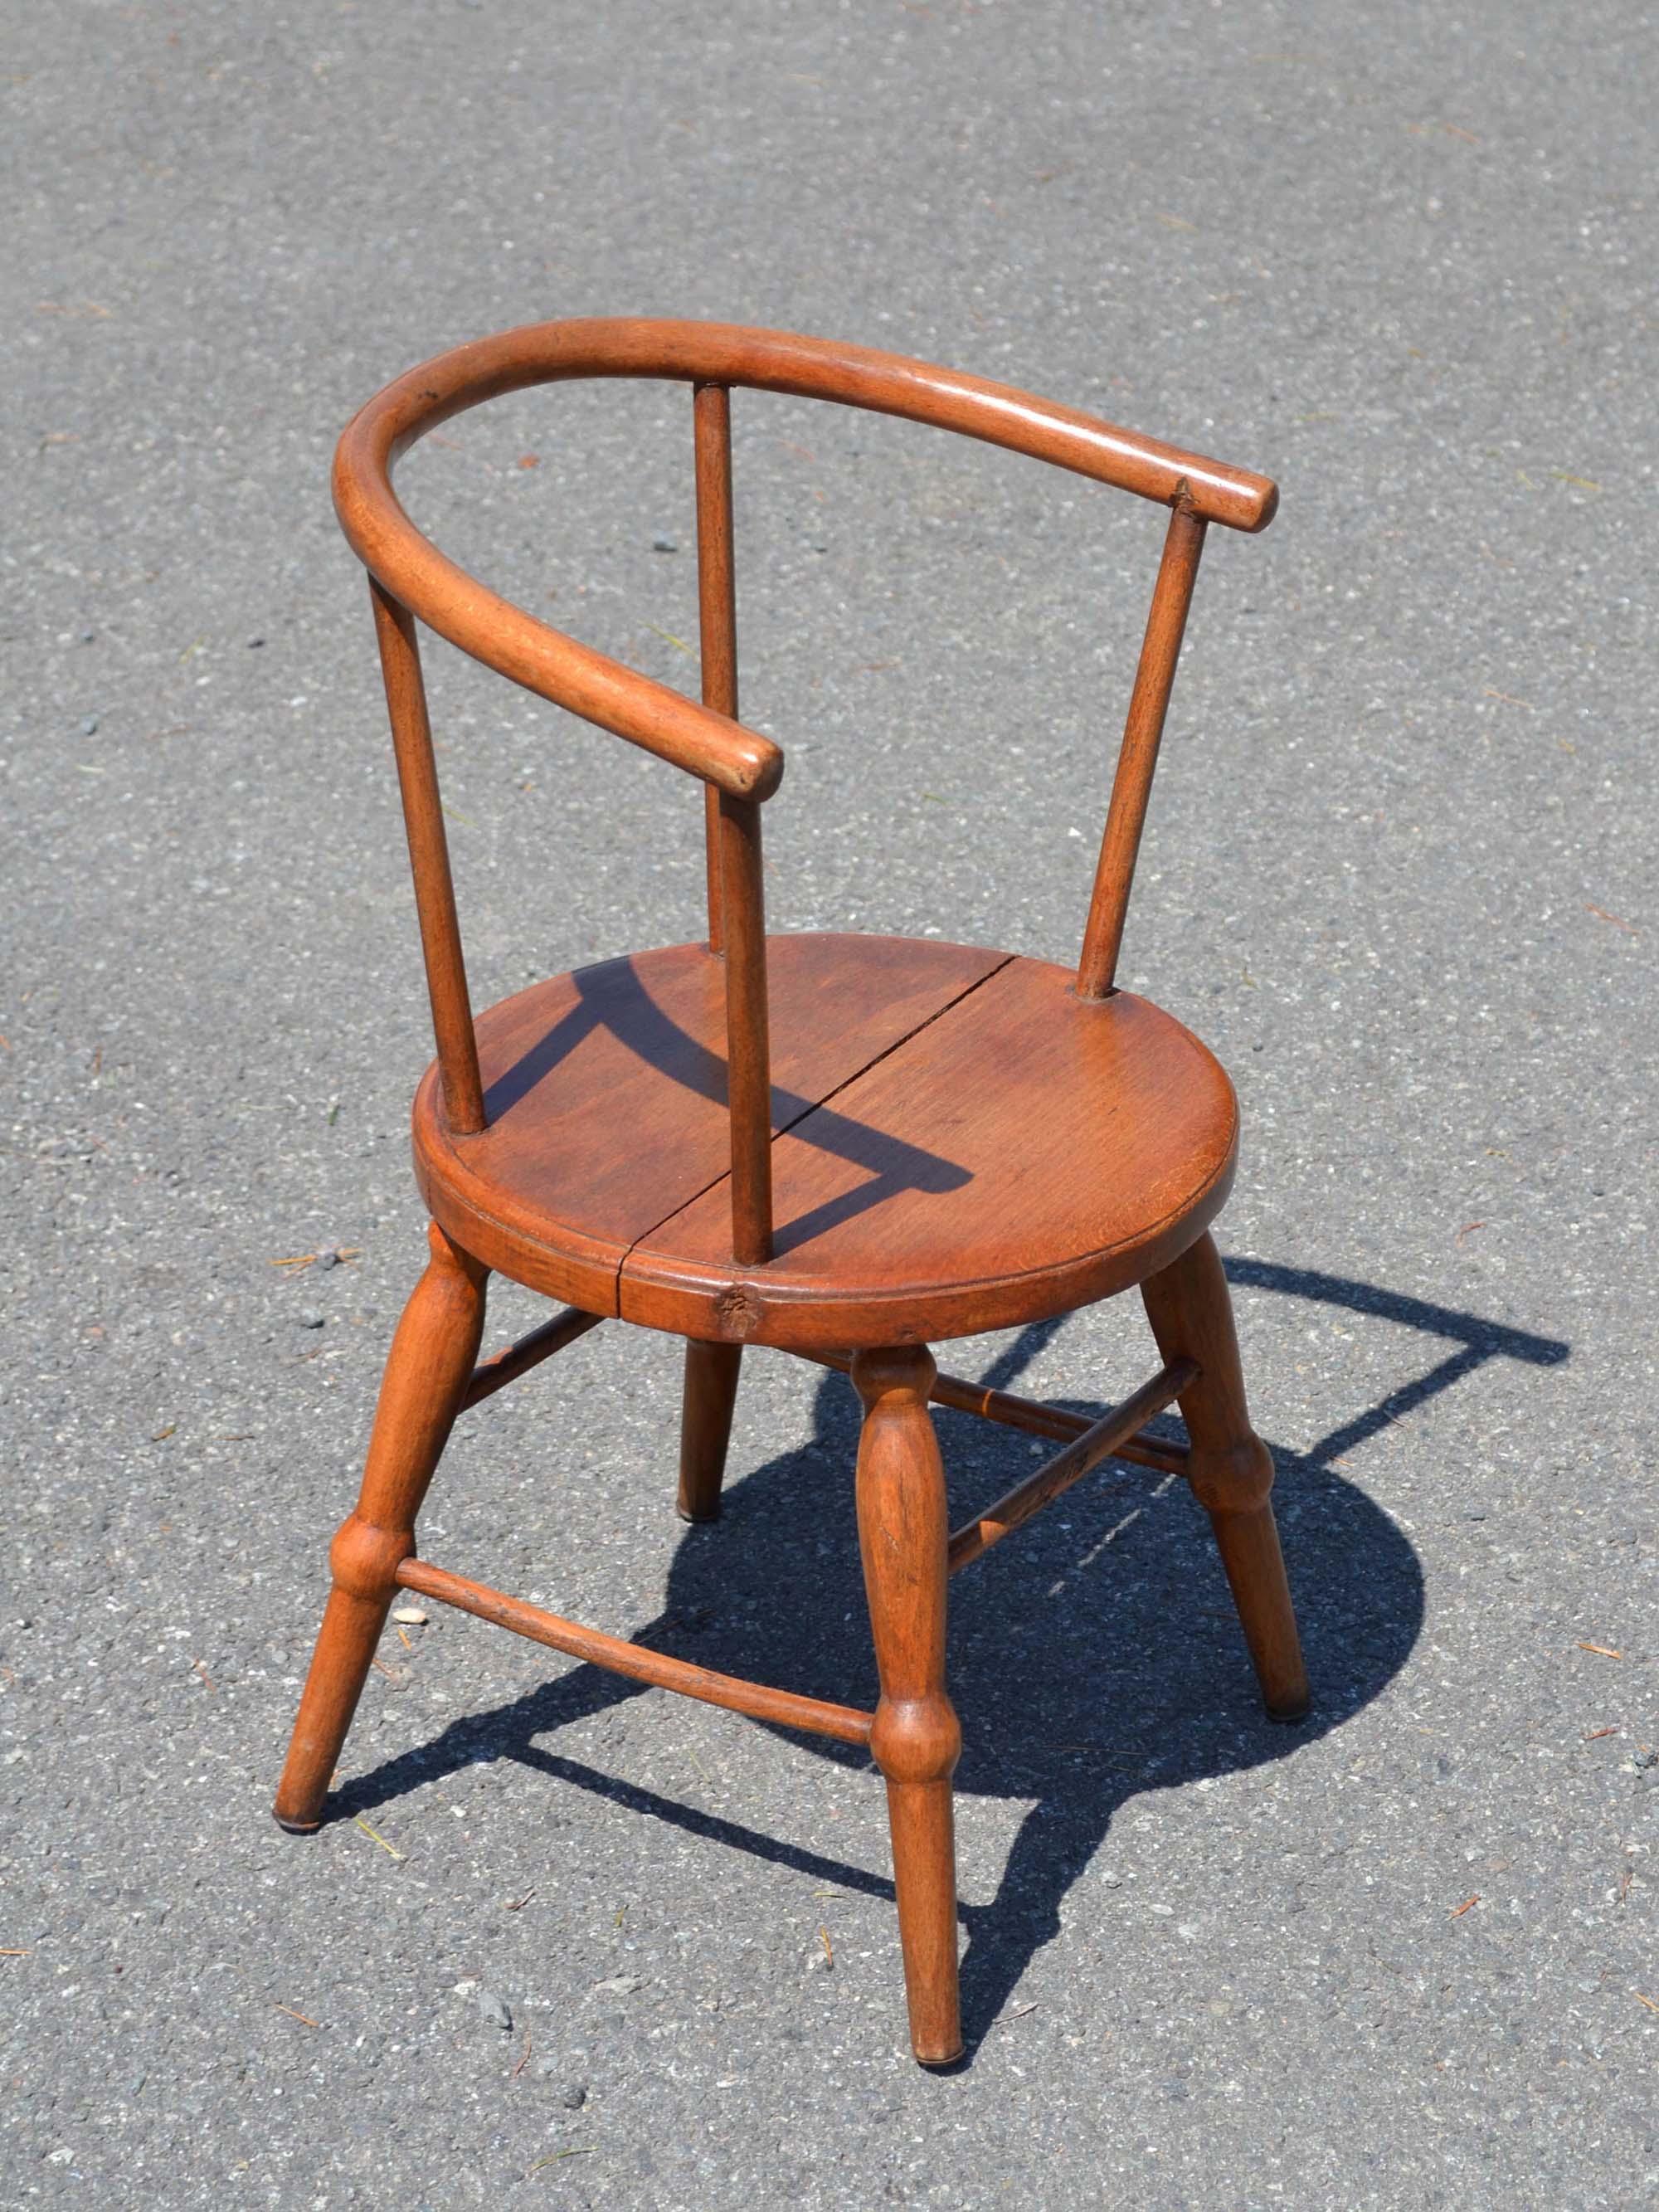 Tables Mobilier Jouets Pour Coffres Vintage À EnfantsChaises rChBQtsxd